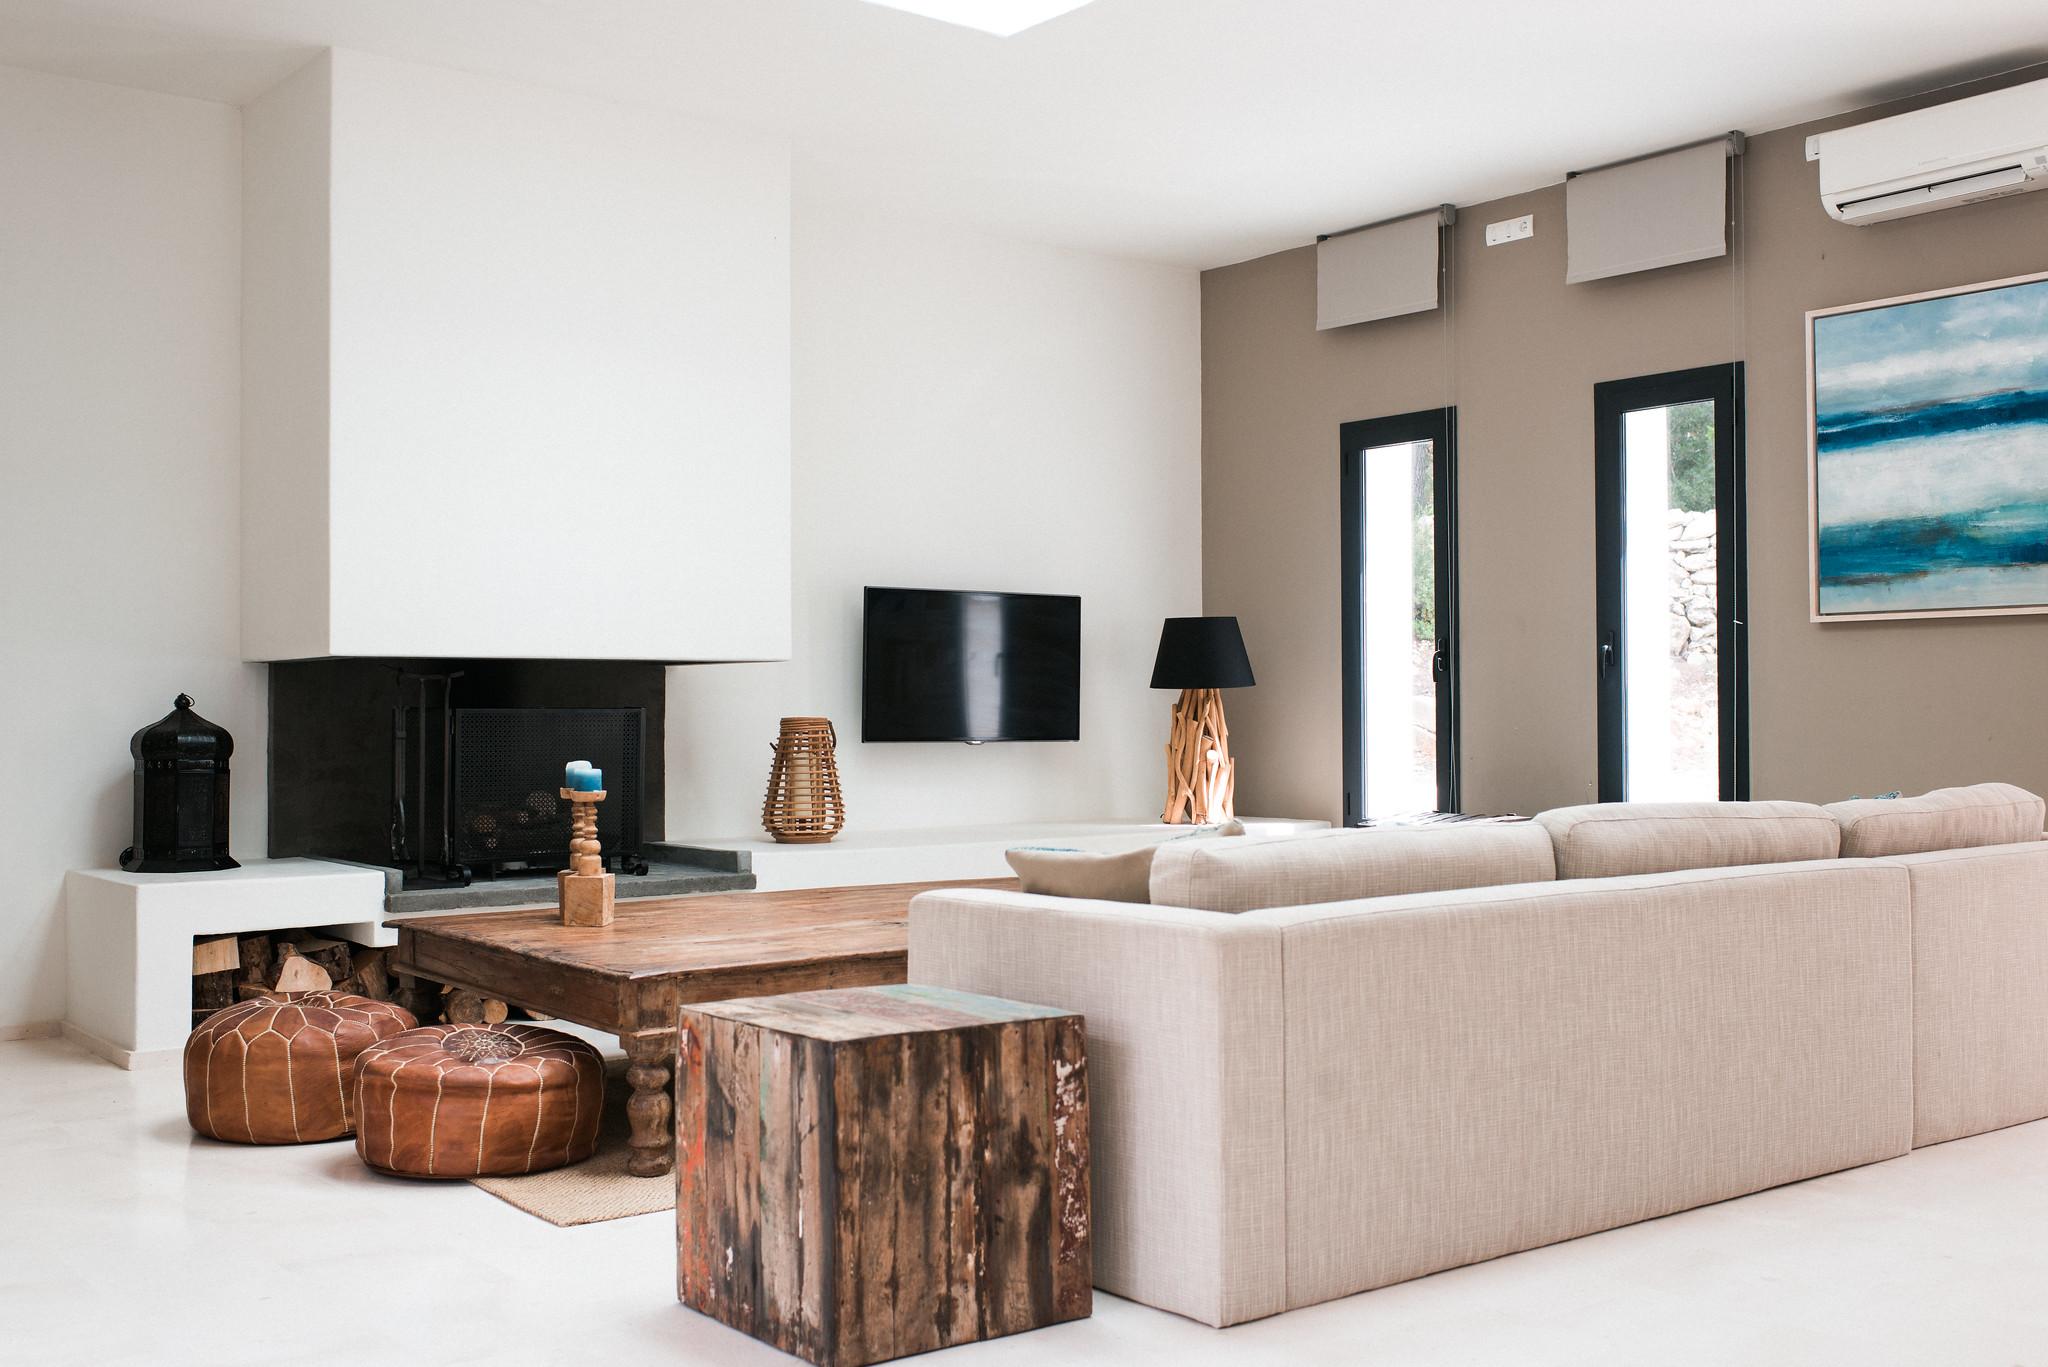 https://www.white-ibiza.com/wp-content/uploads/2020/05/white-ibiza-villas-casa-estrella-interior-living-area-sofa.jpg